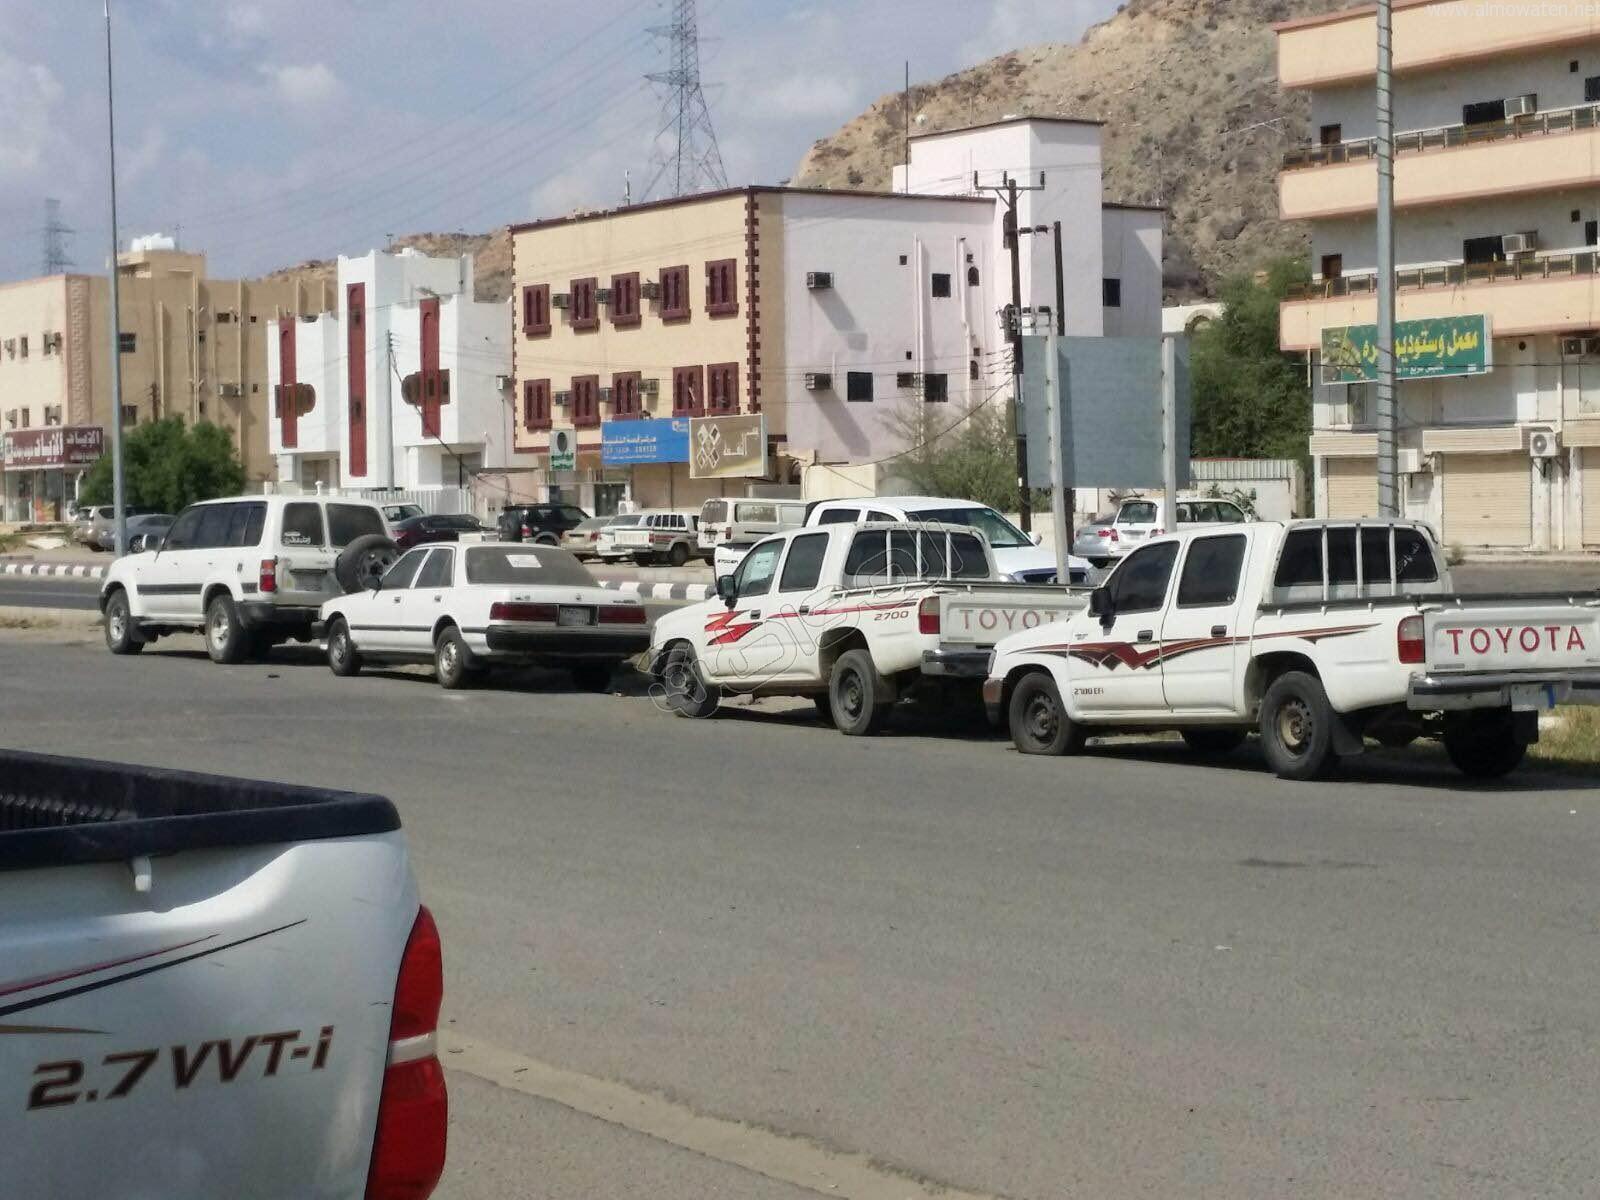 شارع بـ #العرضيات يتحول لموقع لبيع السيارات المستعملة (3)